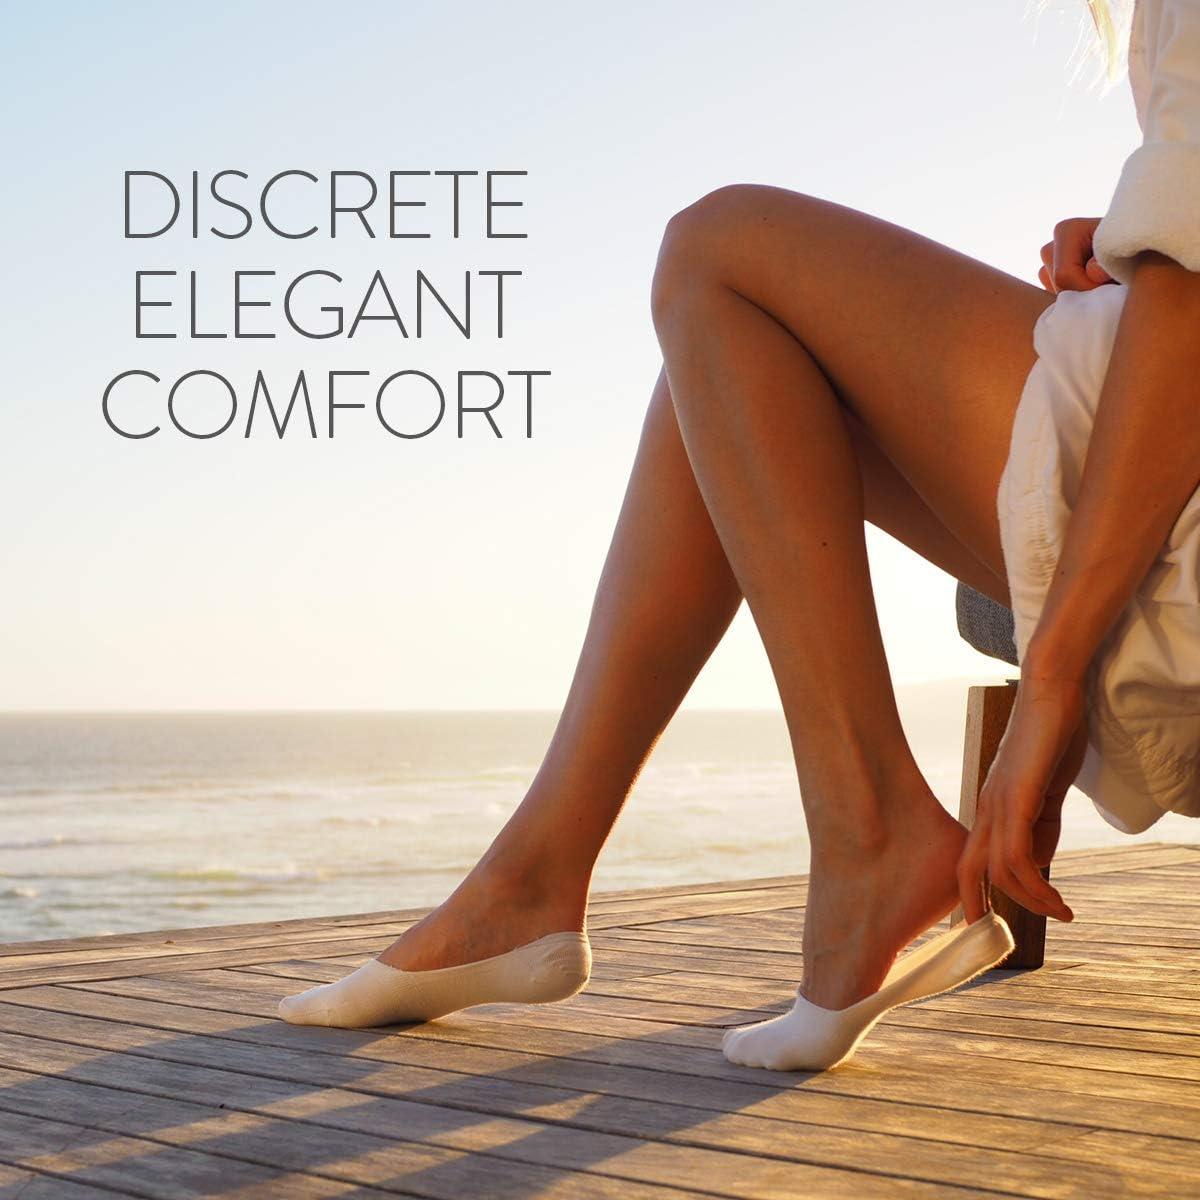 Anti-D/érapantes et Invisibles Socquettes femme en coton lot de 5 paires - PREMIUM Chaussettes basses ALL ABOUT SOCKS Chaussettes invisibles pour femmes